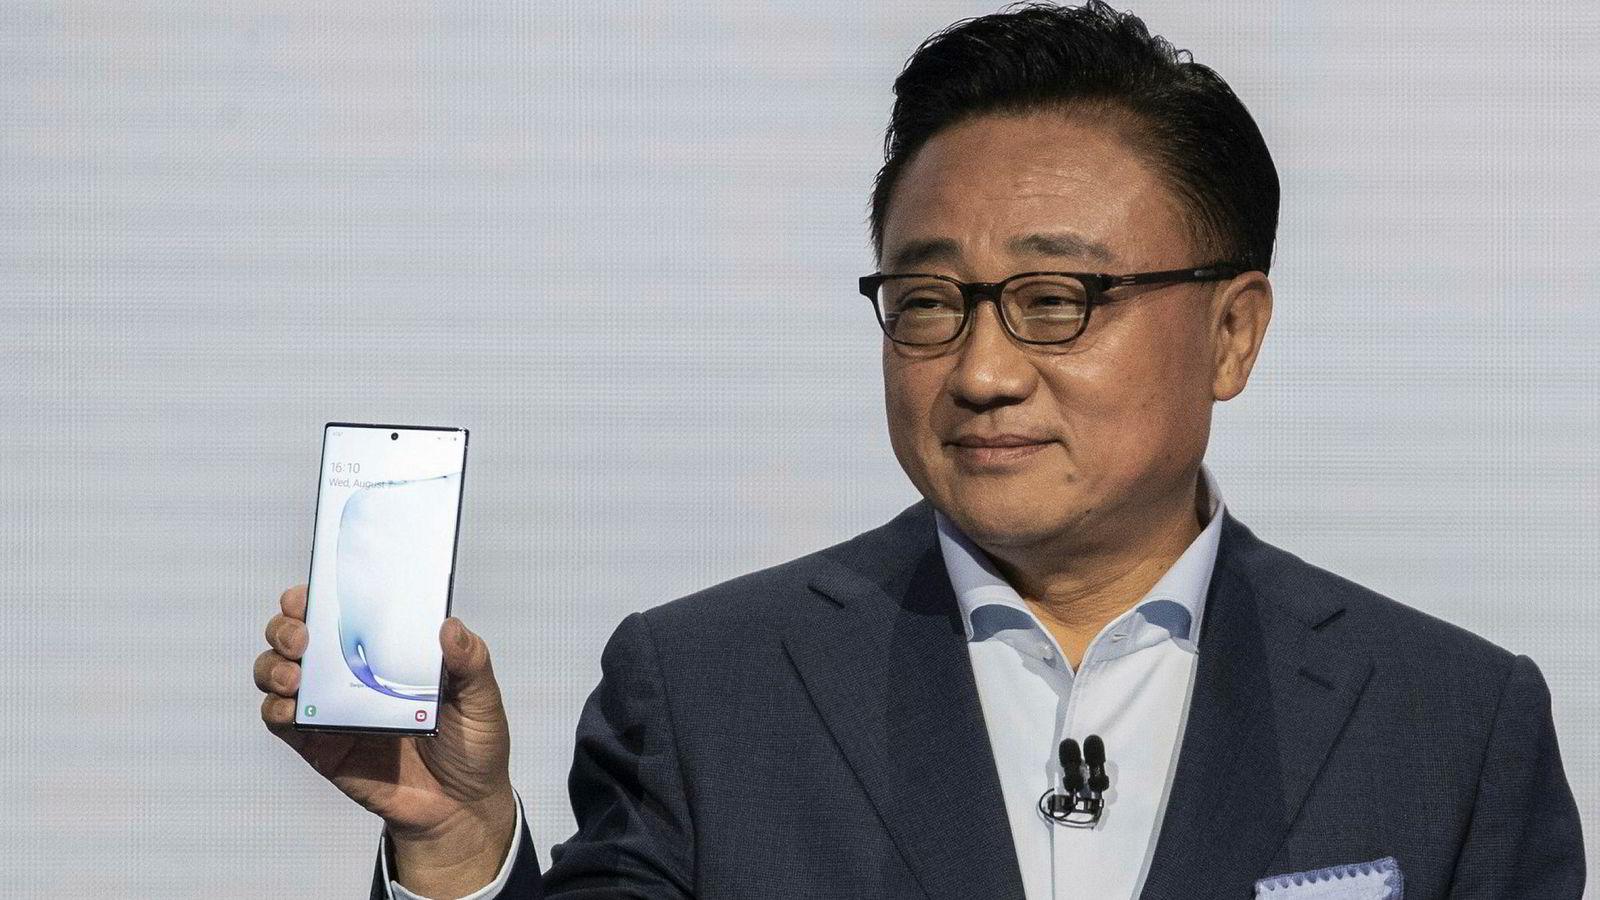 Samsungs sjef for mobildivisjonen, DJ Koh, viser frem Galaxy Note 10 for første gang i New York onsdag 7. august.